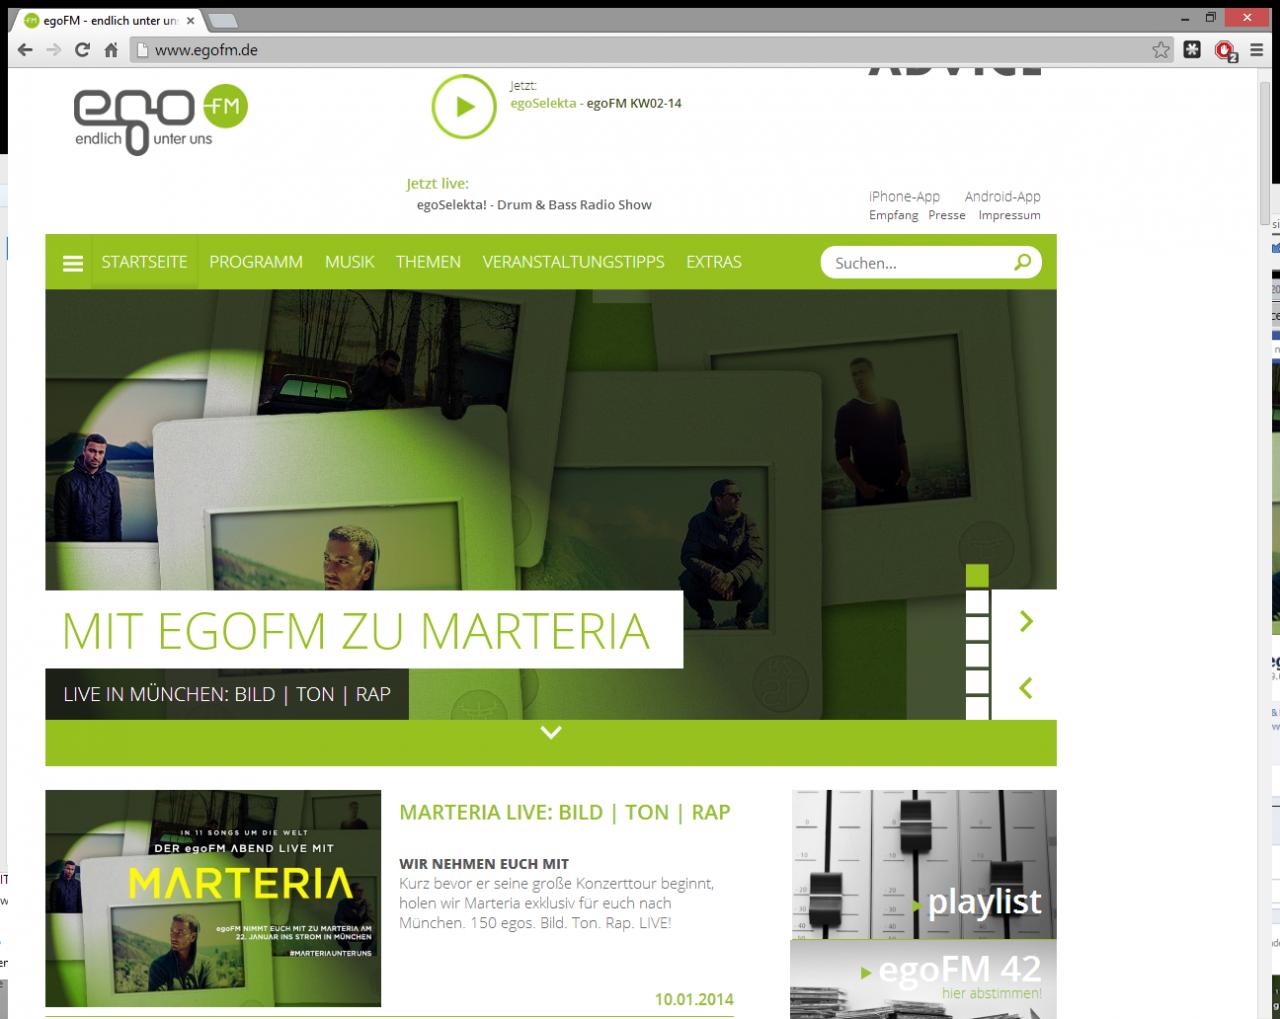 Design-artwork-for-Ein-Dia-Abend-mit-MARTERIA-und-egoFM-mit11-songs-um-die-welt-22.01.2014-im-strom-club-muenchen-Website-Slider-Design